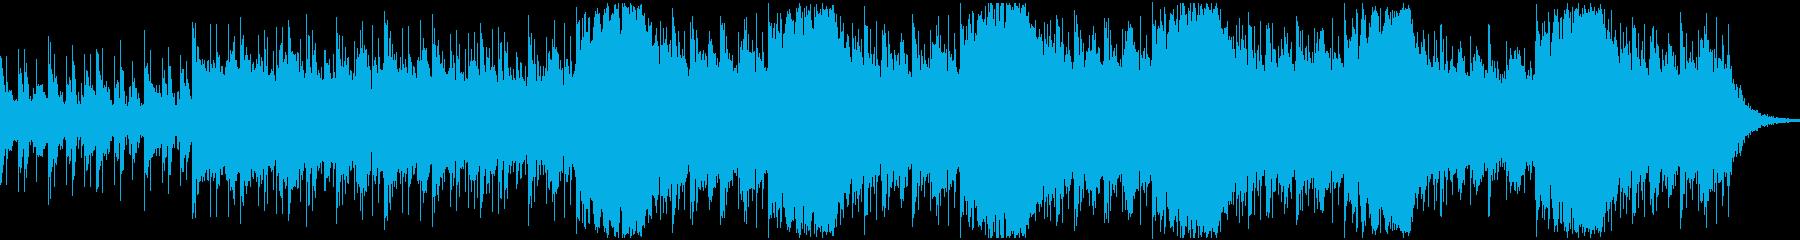 サスペンス映画などに合うBGMです。の再生済みの波形